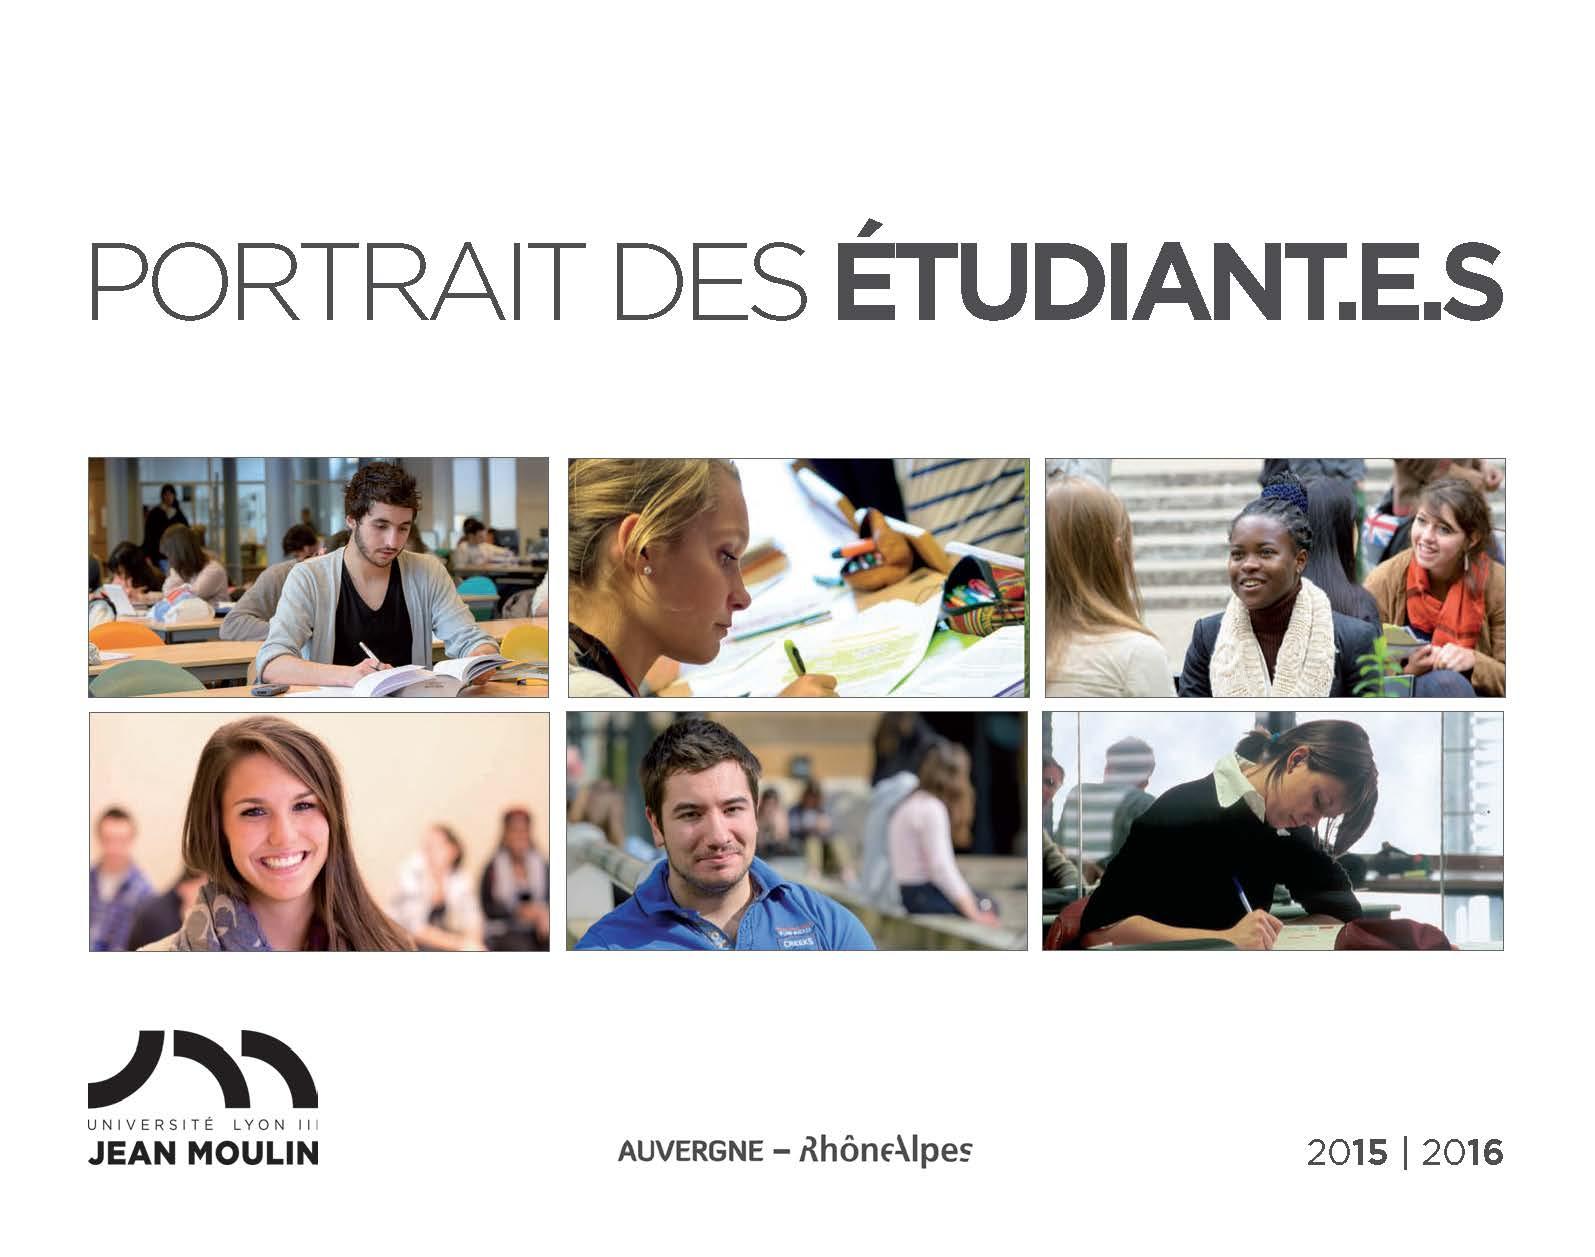 Portrait des étudiant.e.s 2015-16